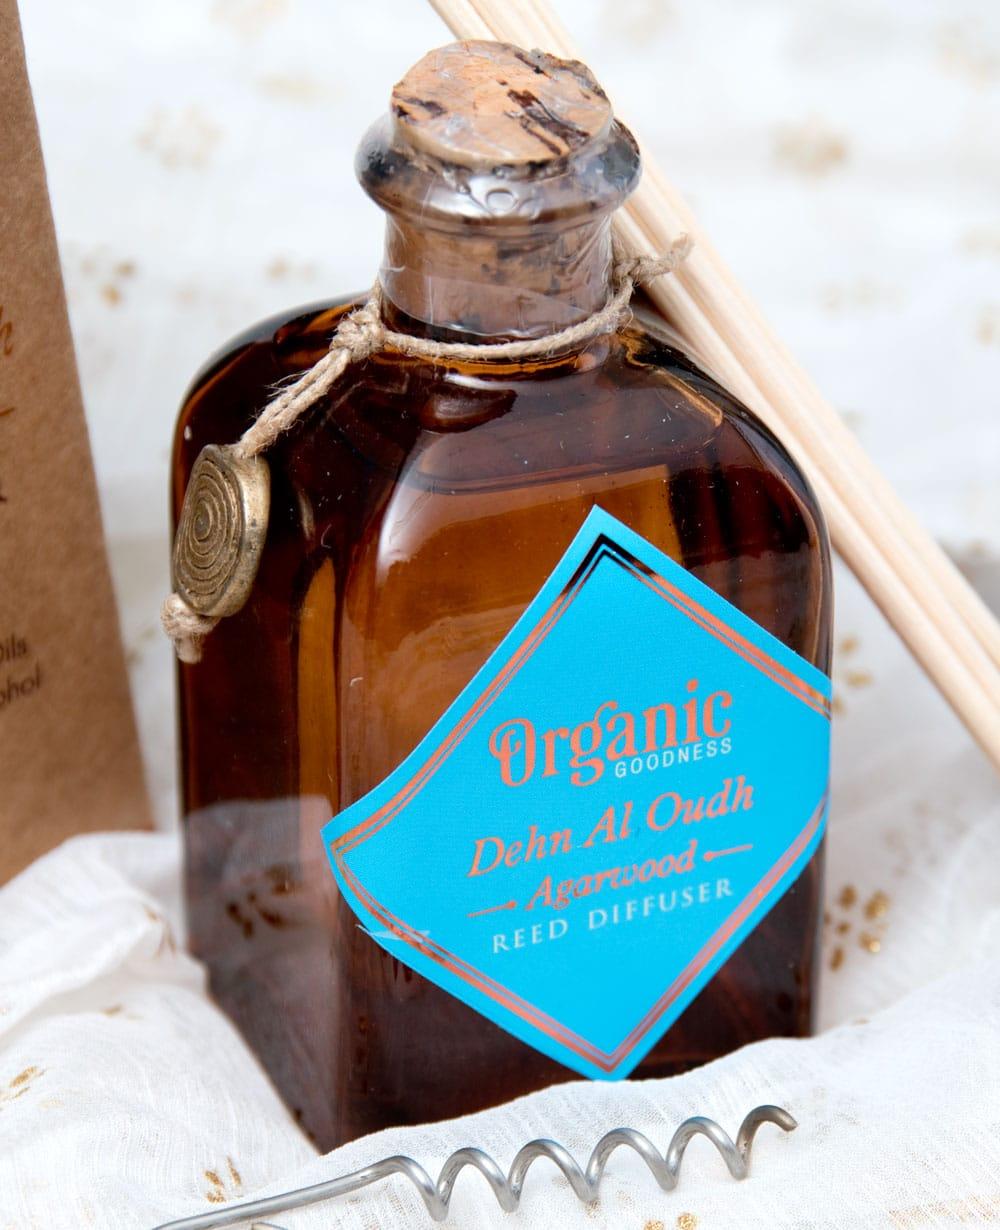 Organic GOODNESS - リードディフューザー -ウード-沈香の香り 2 - ボトルをアップにしました。